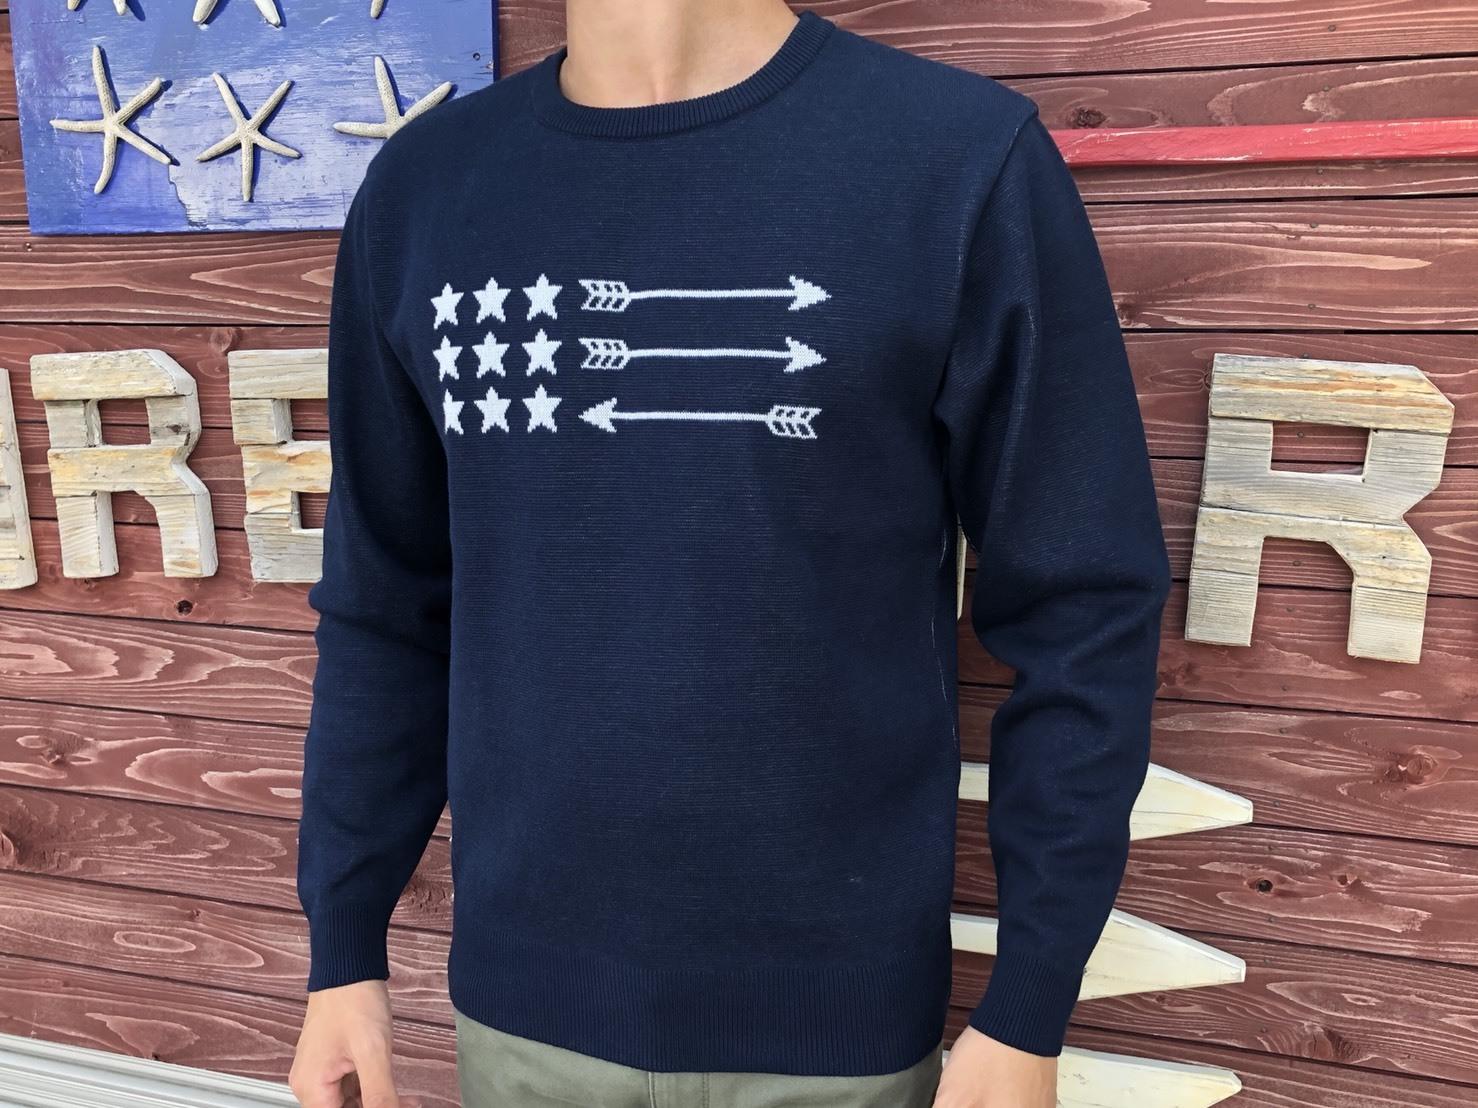 USA Arrow Flag クルーネックニット(navy)